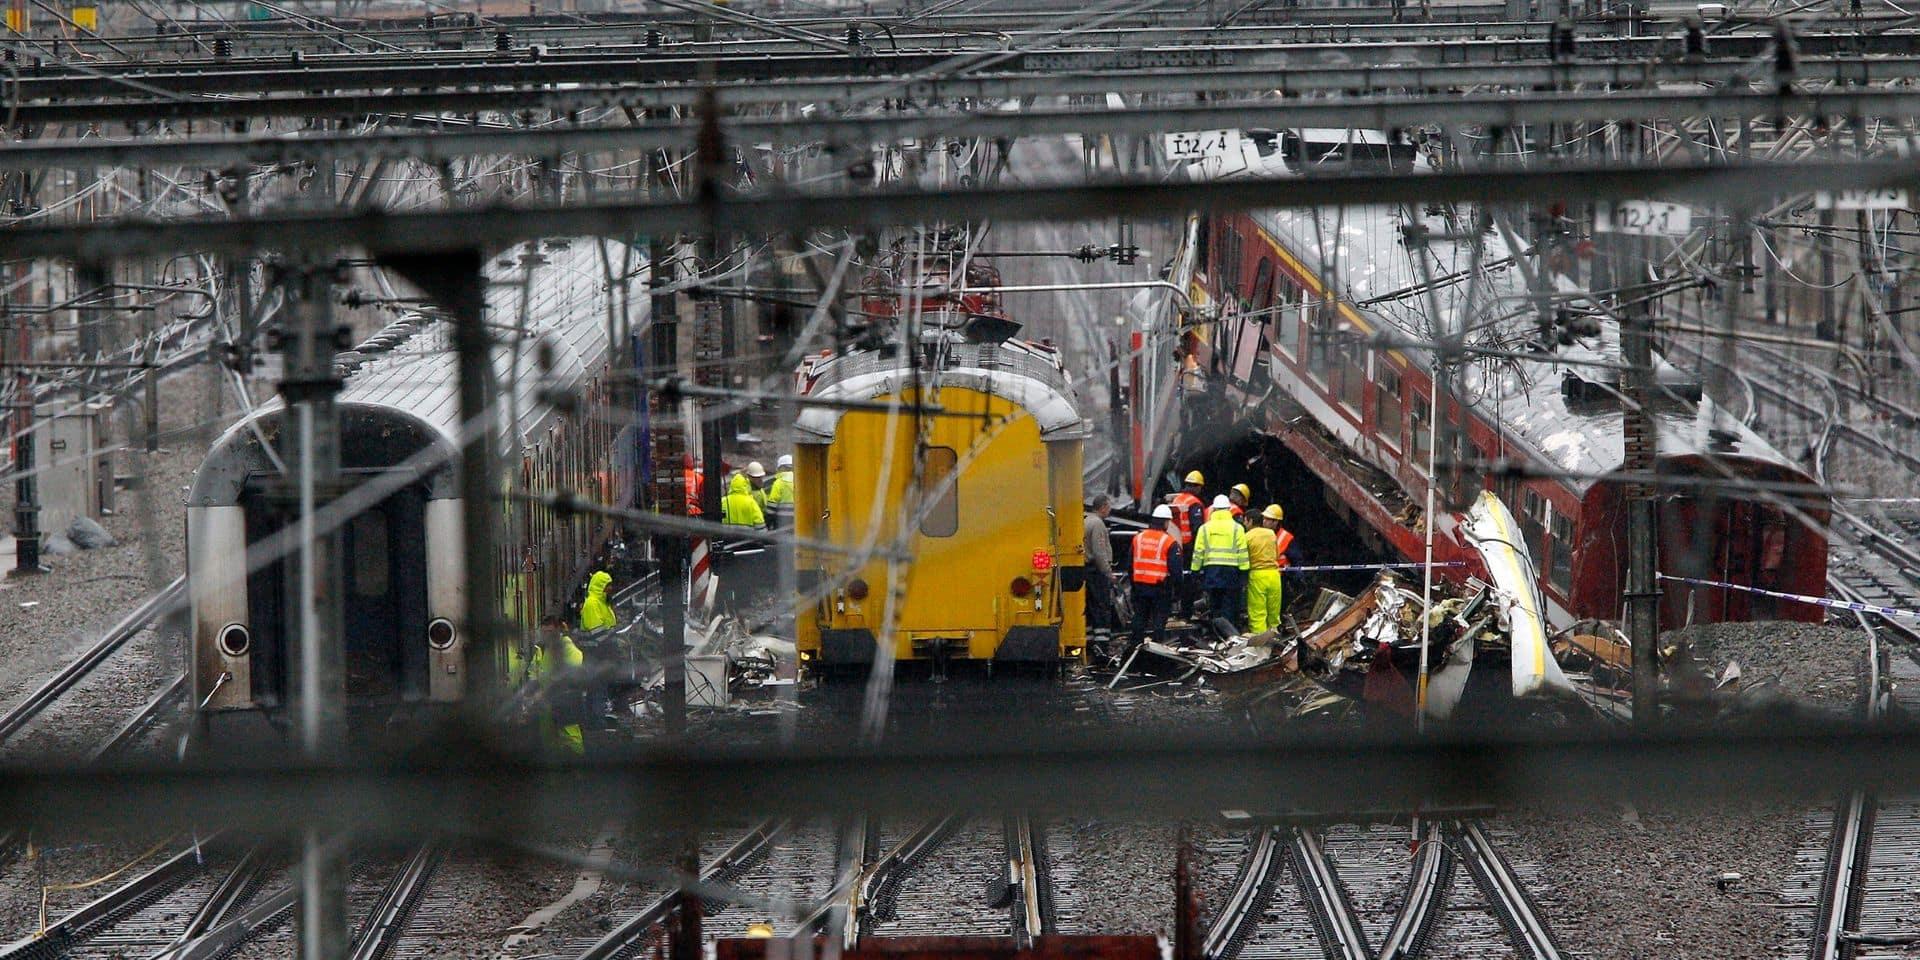 Le parquet de Bruxelles interjette appel du jugement dans l'affaire de la catastrophe ferroviaire de Buizingen